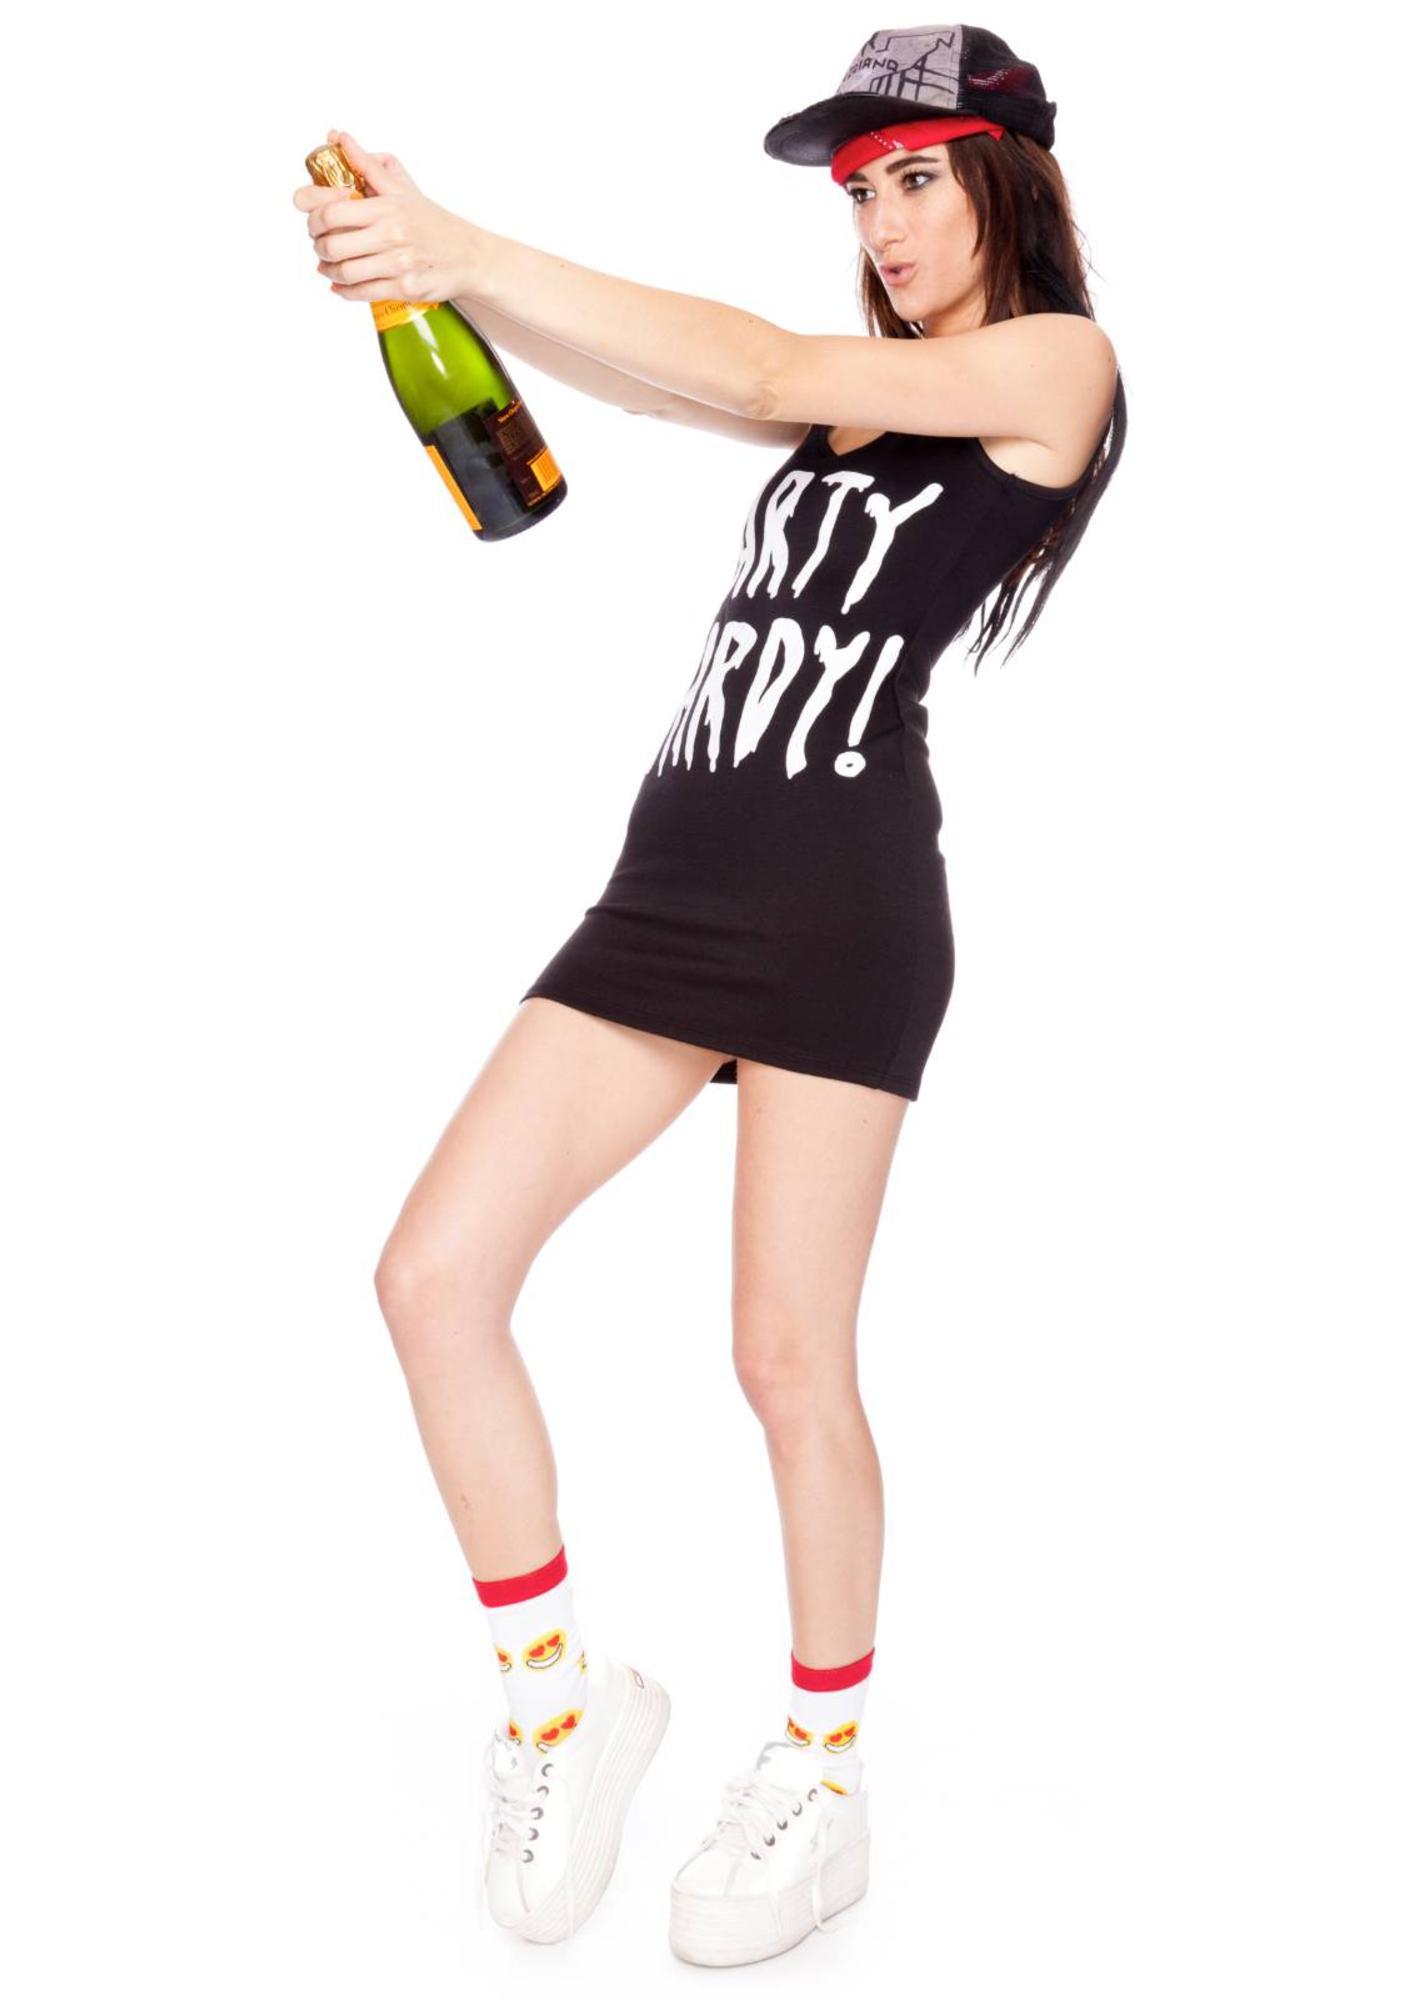 Dimepiece Party Hardy Mini Dress